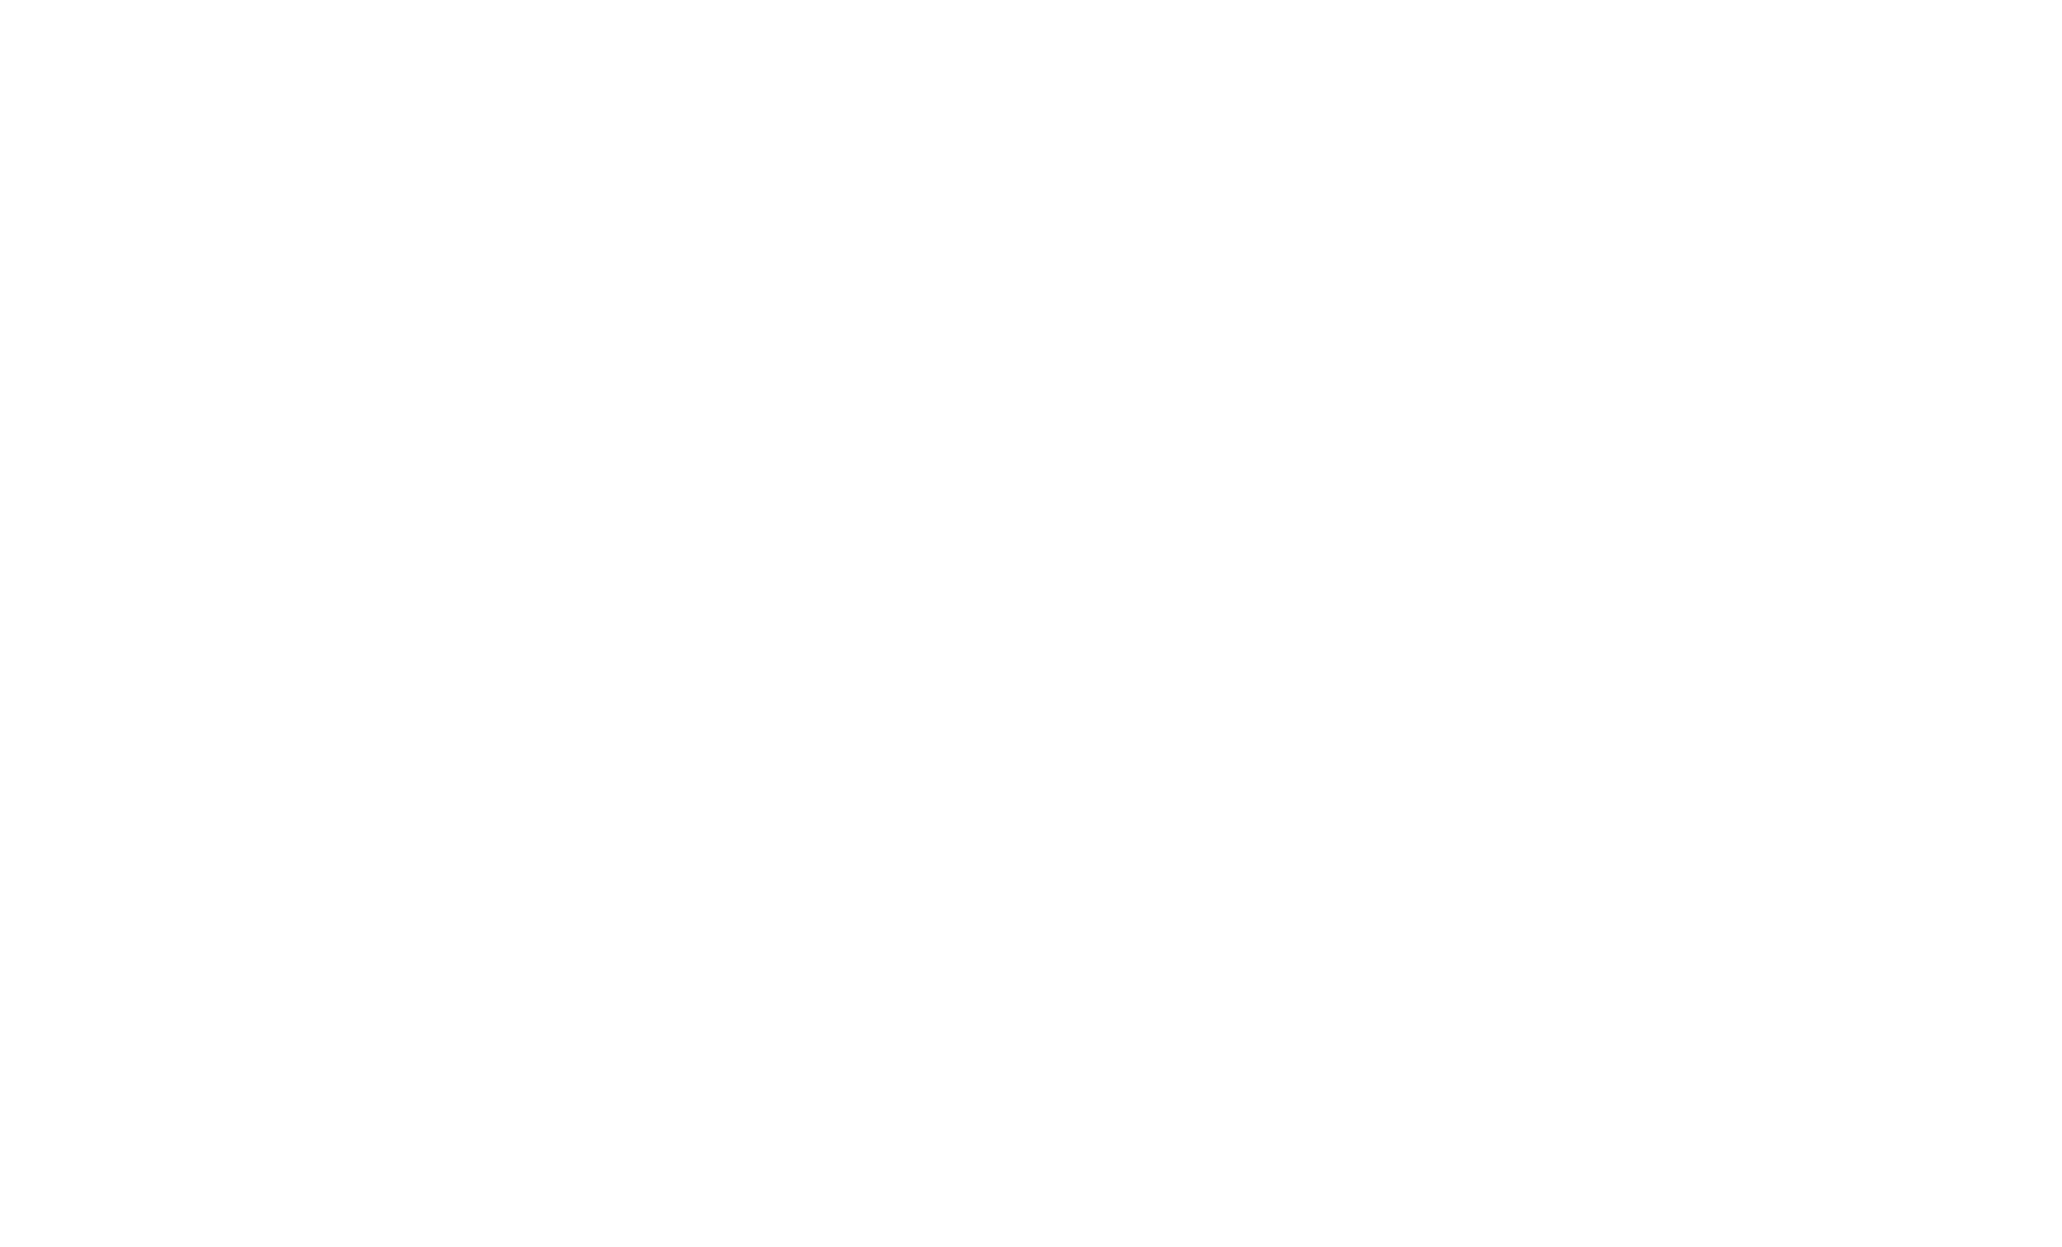 logo primestetica